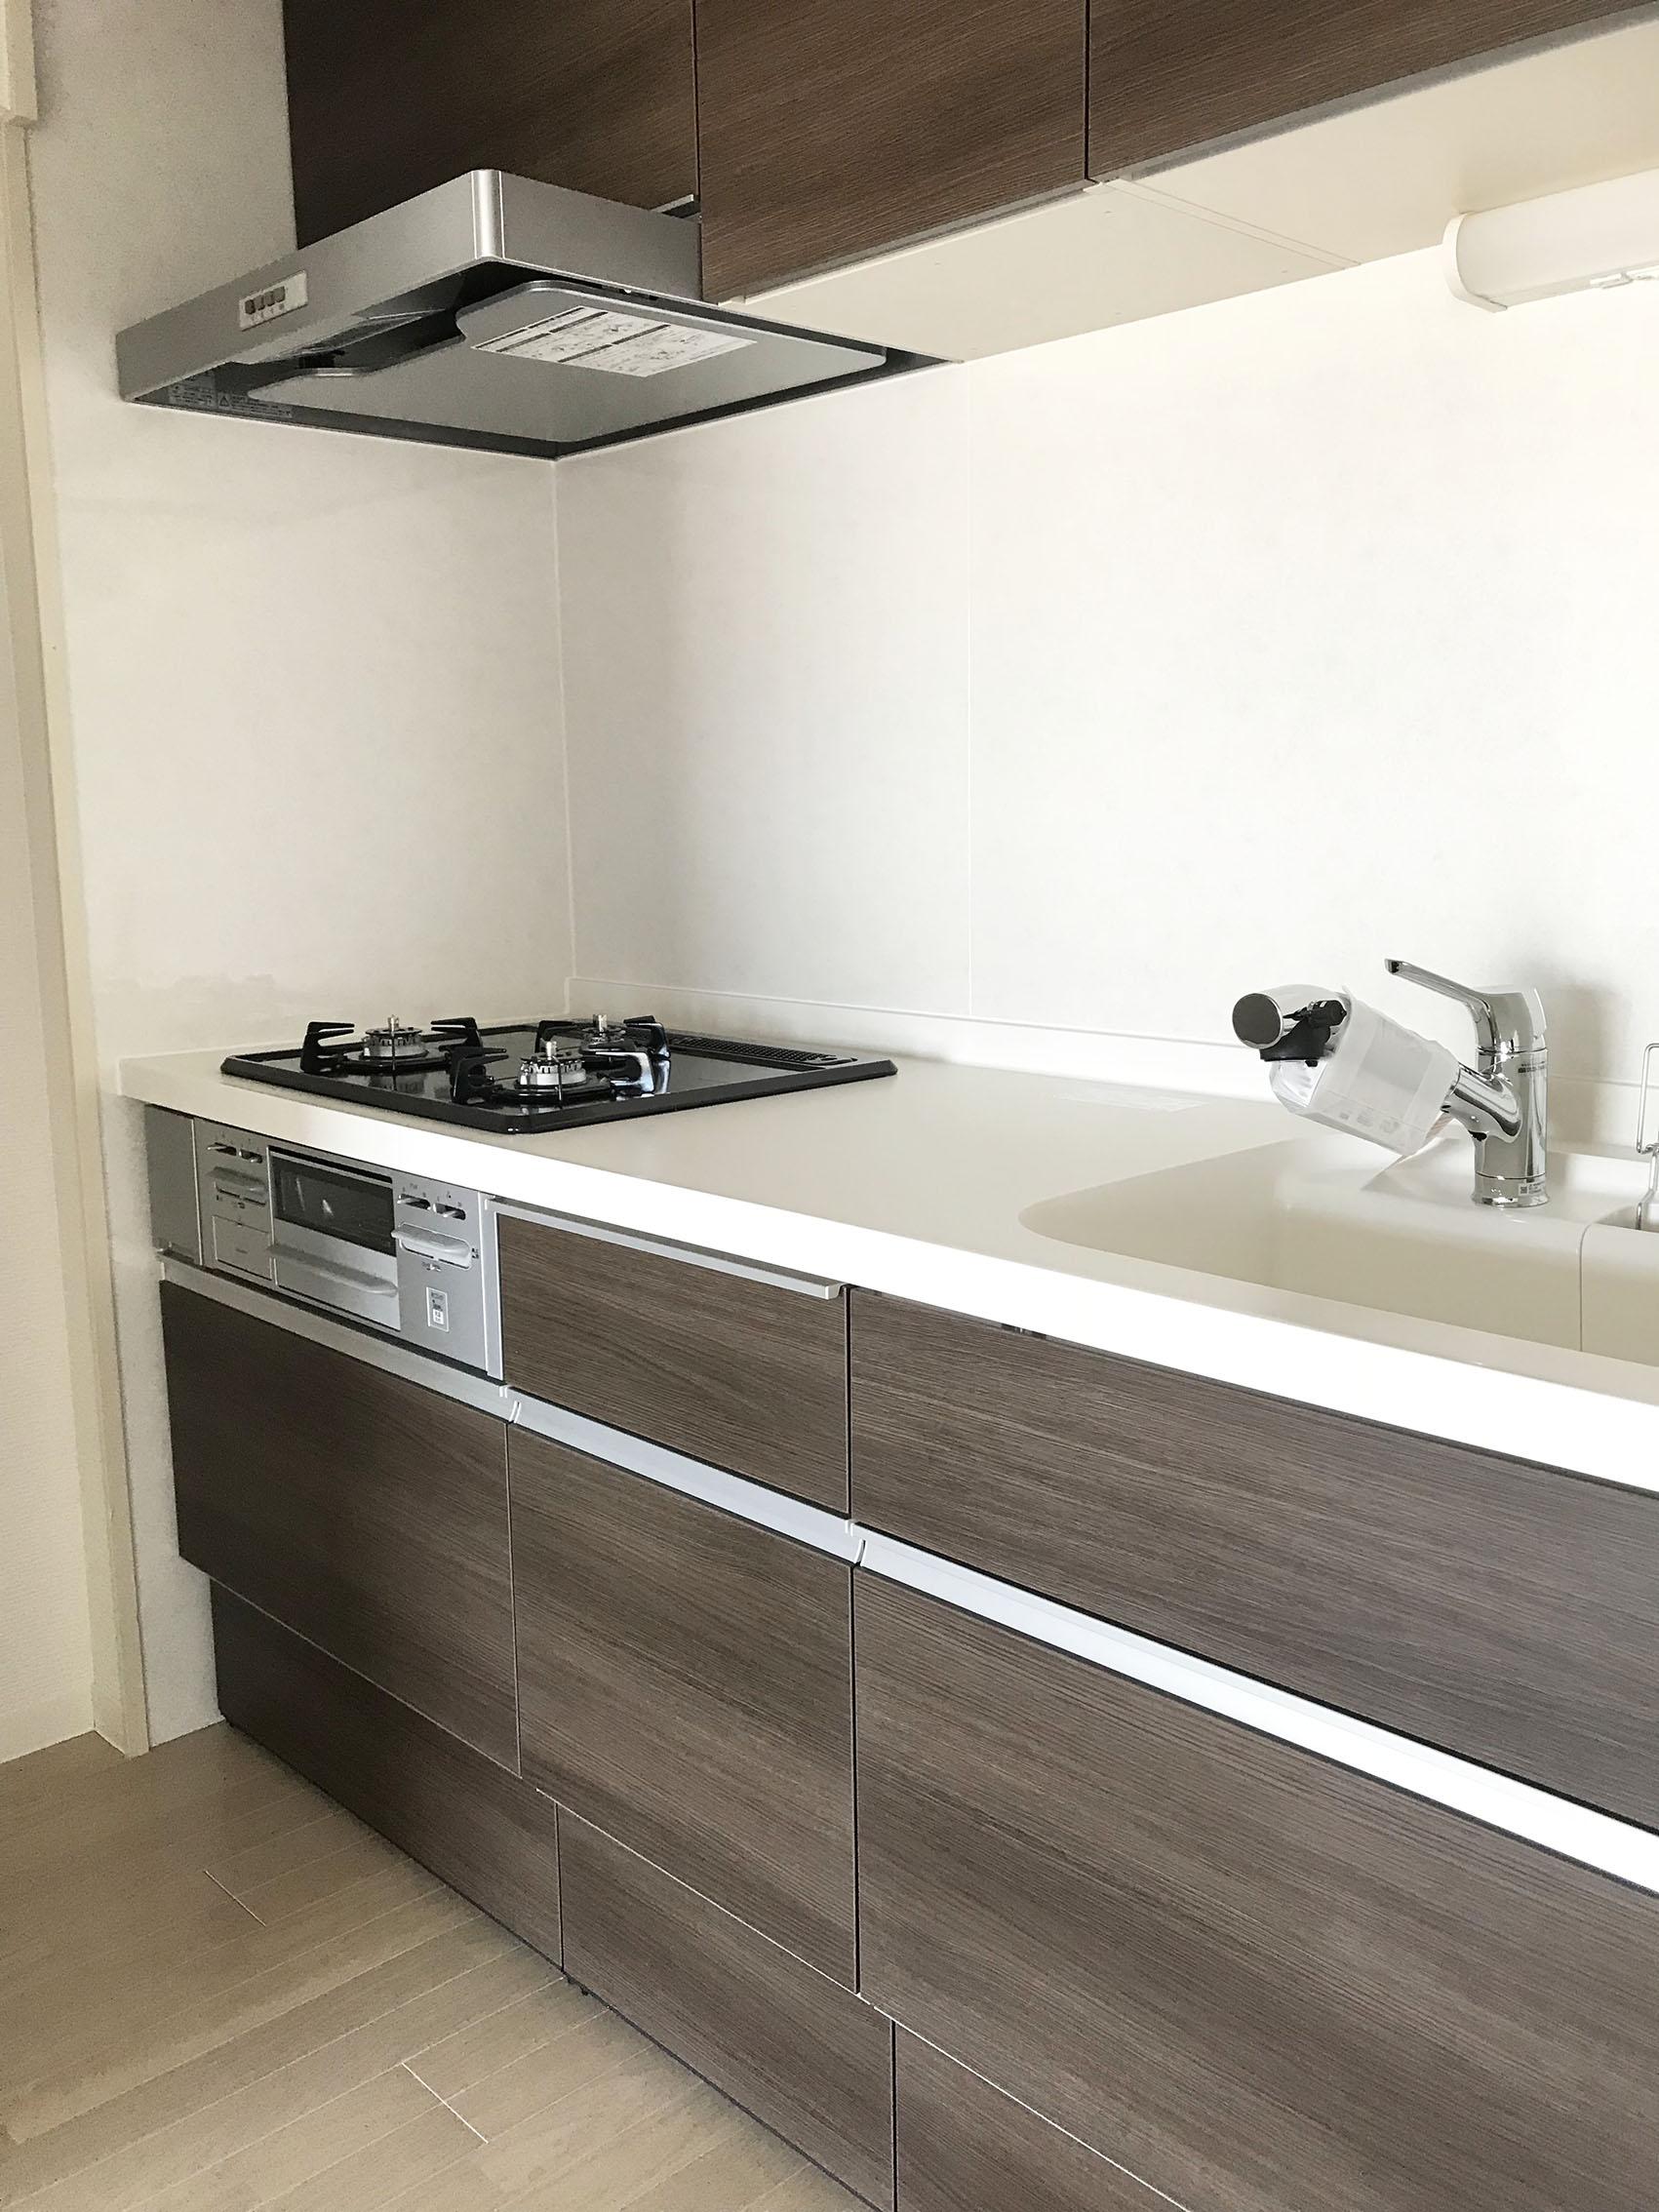 大きなシンクに浄水器付。<br /> 清潔感のある白とダークブラウンでシックなキッチン。<br /> 食洗機はついていませんが、収納力あり♪